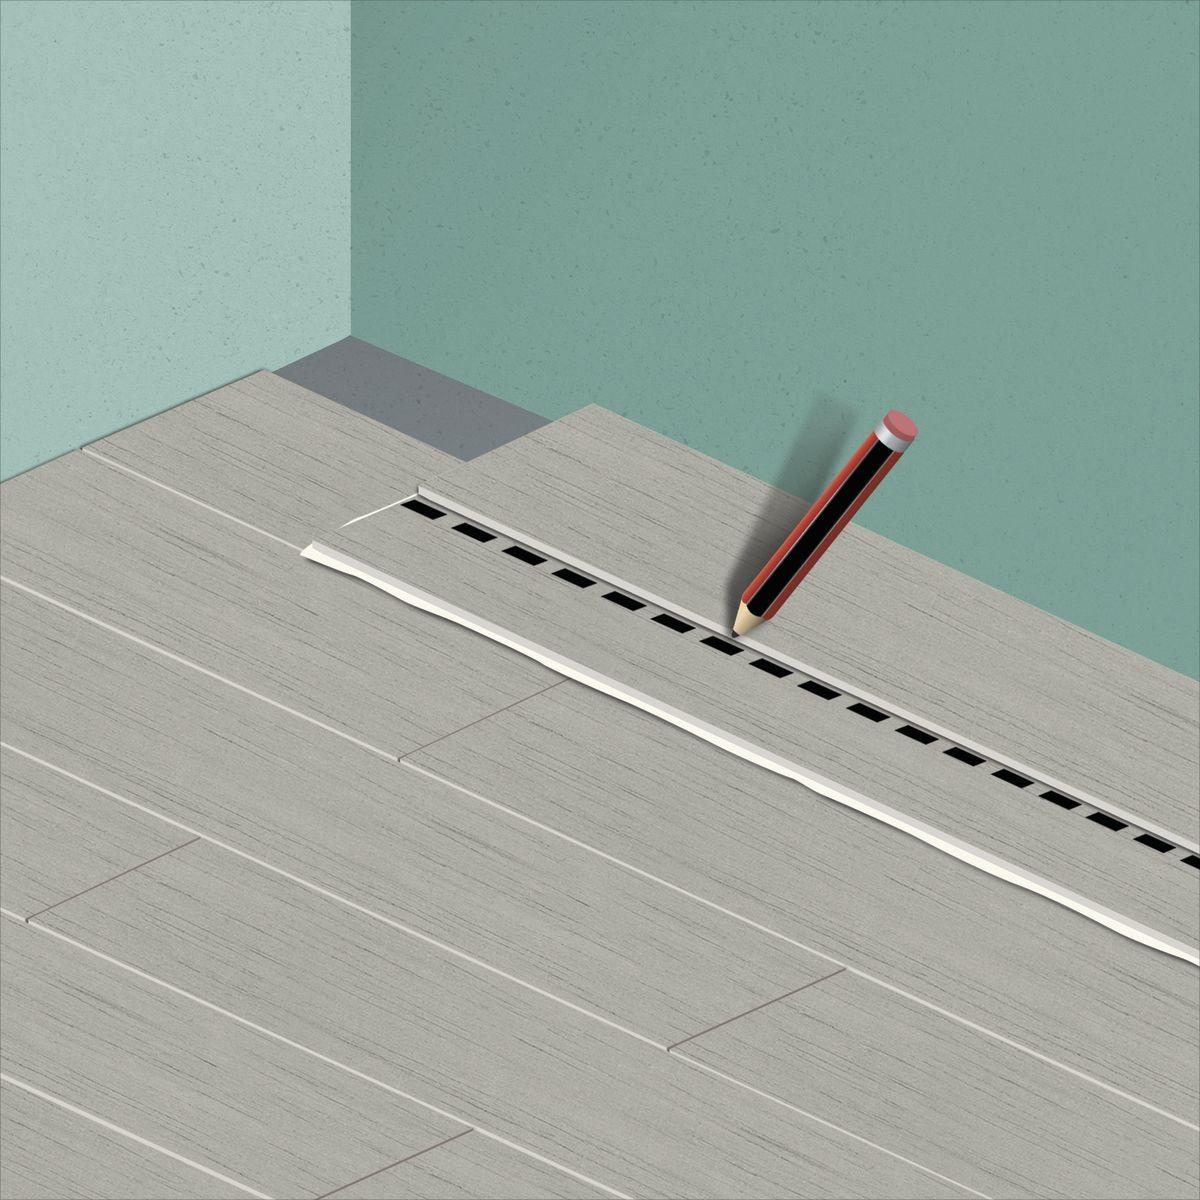 Come posare lame o piastrelle adesive in pvc guide e tutorial leroymerlin - Piastrelle adesive pavimento ...